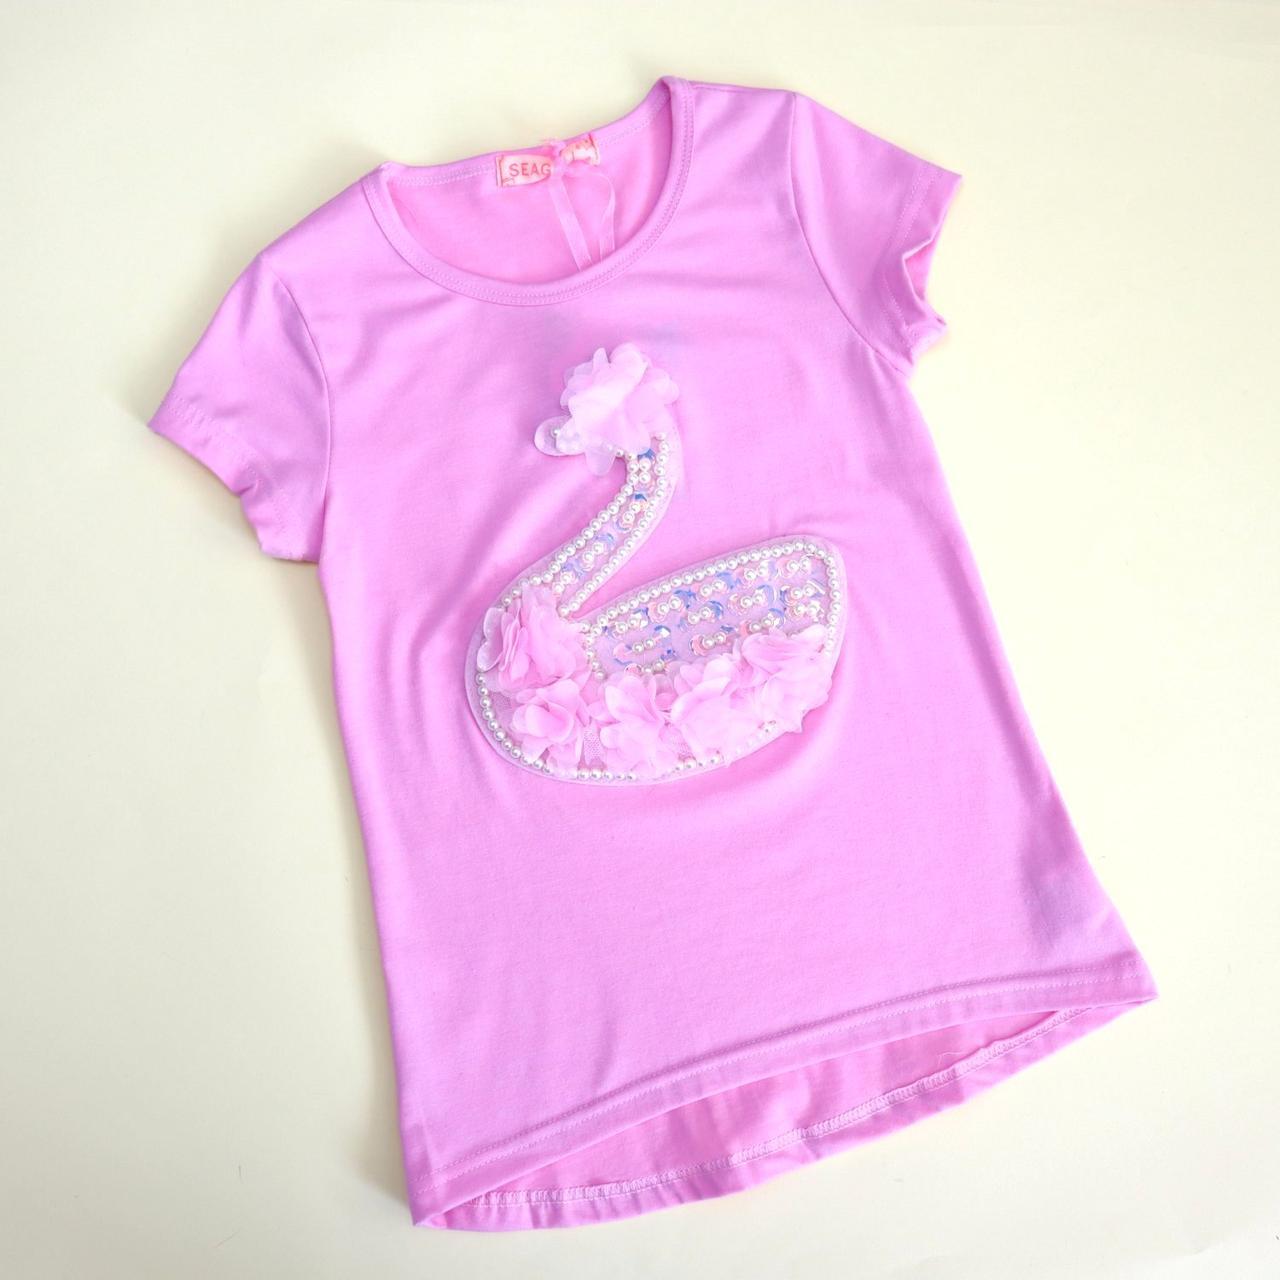 52659 Футболка рожева для дівчинки Лебідь з намистинами тм Seagull розмір 6,8 років